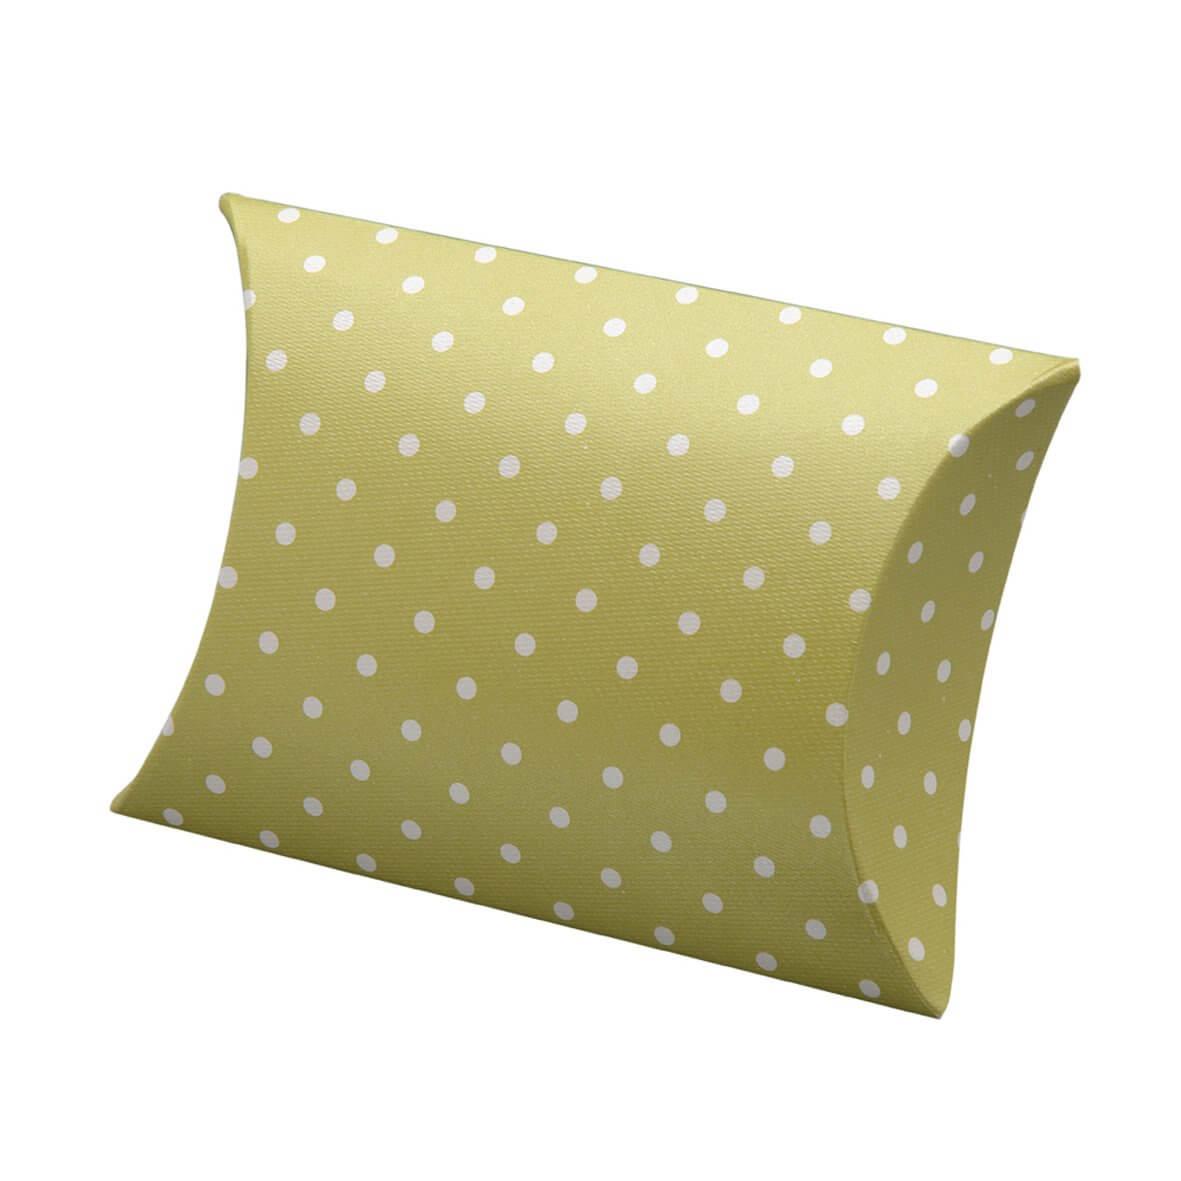 Moss Green Polka Dot Pillow Favour Box (Pack of 10)